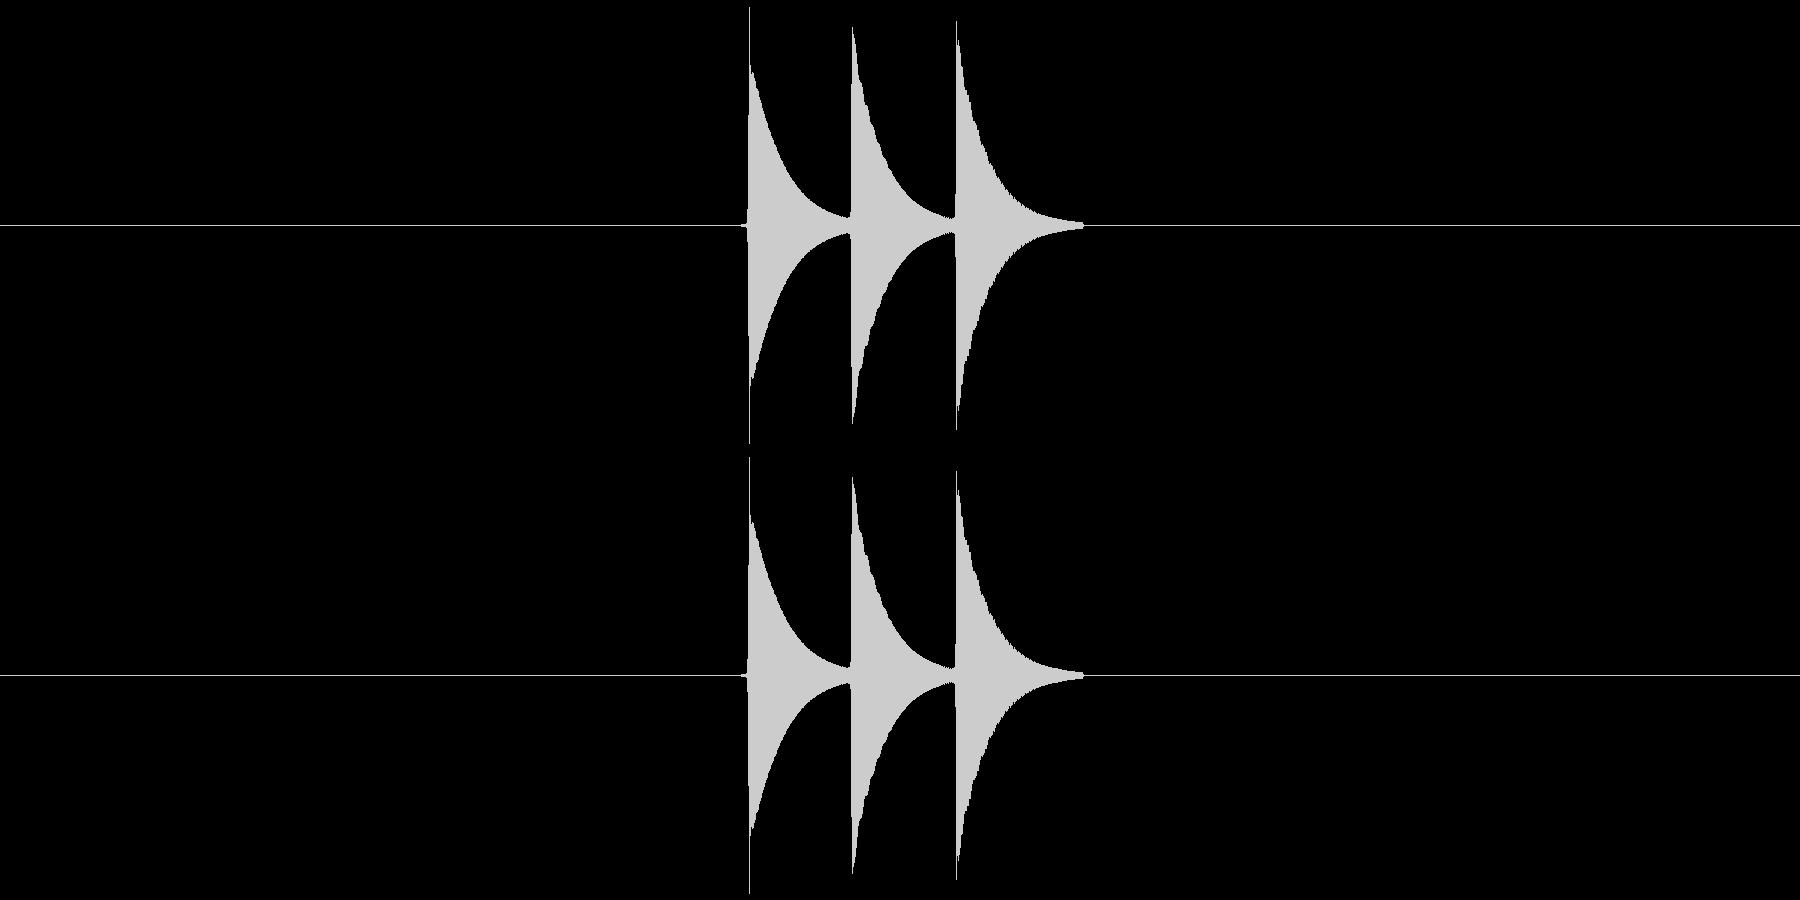 「タラランッ」キャンセル音・エラー音・…の未再生の波形